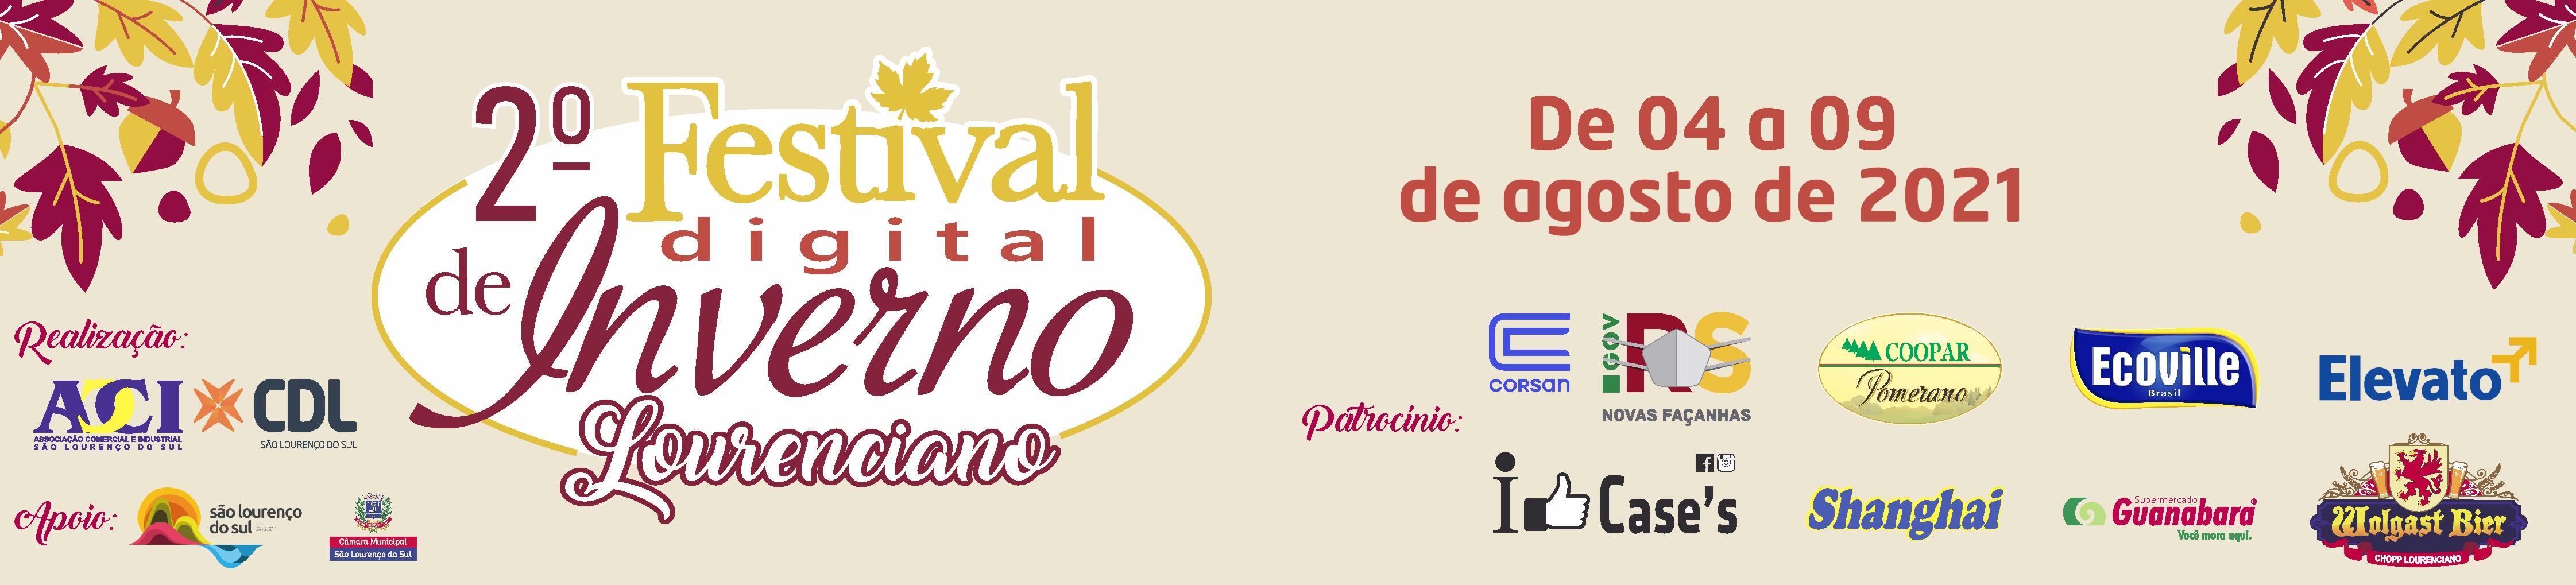 Festival Digital de Inverno 2021